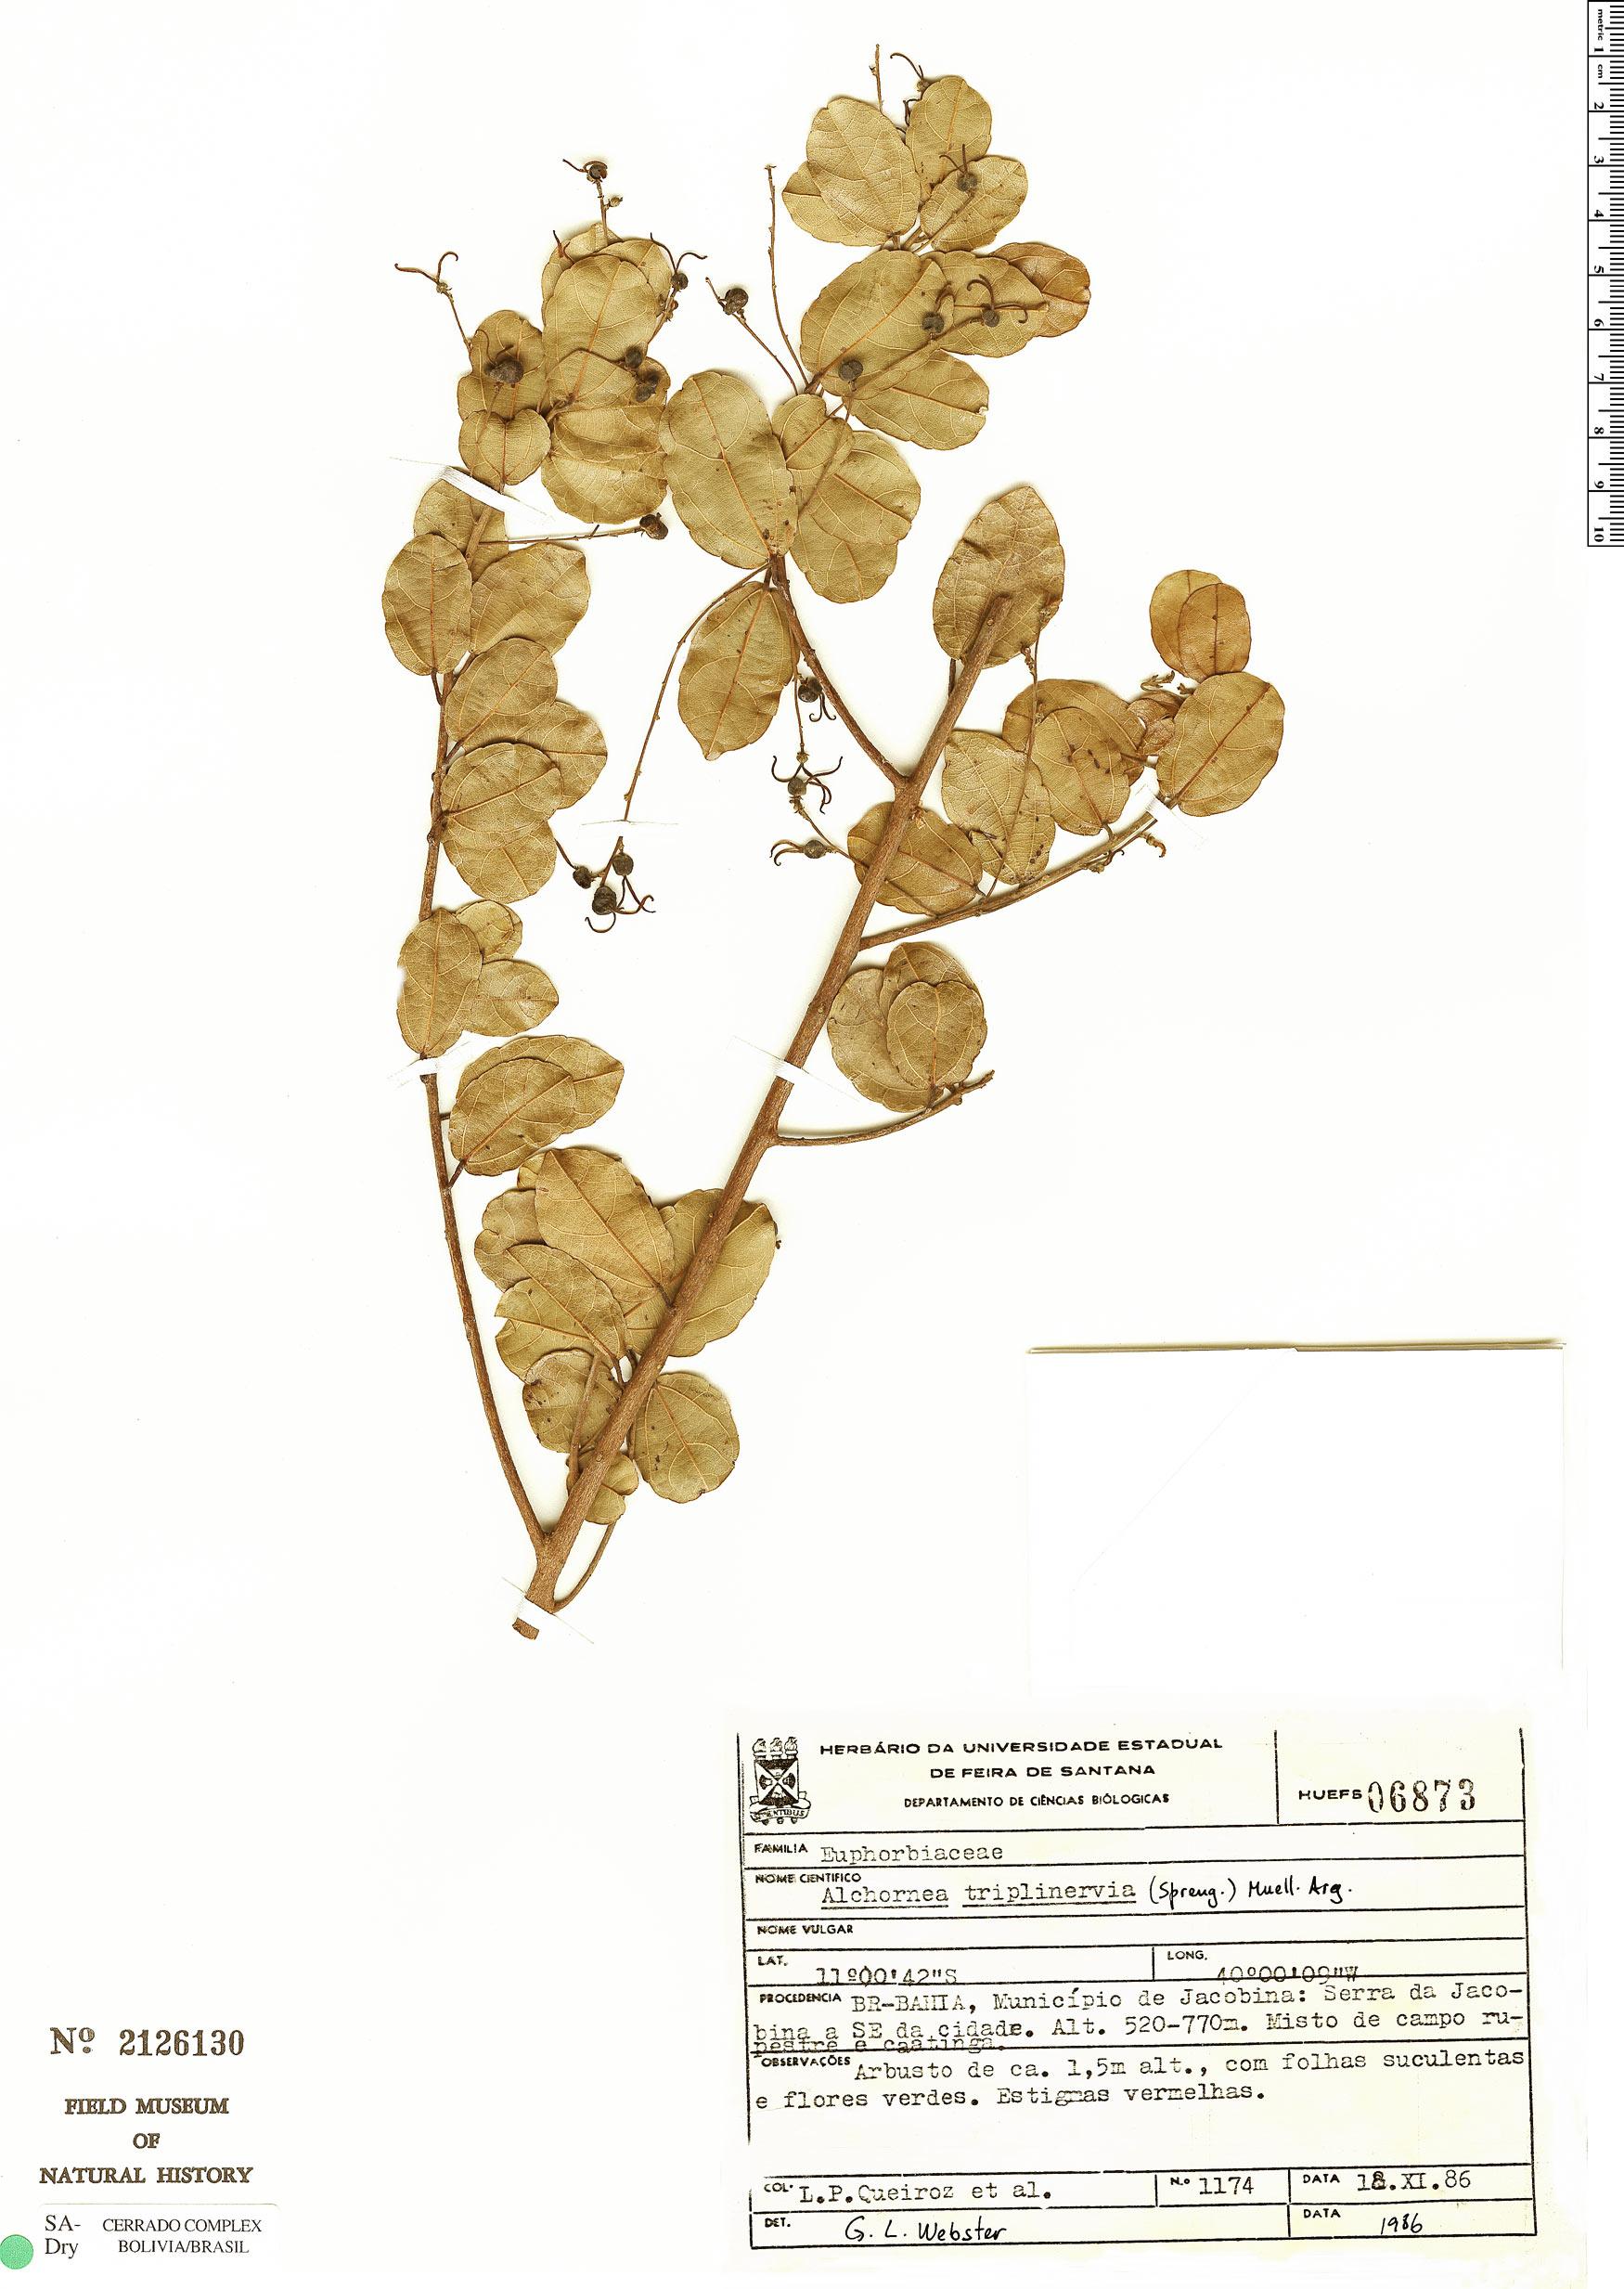 Specimen: Alchornea triplinervia